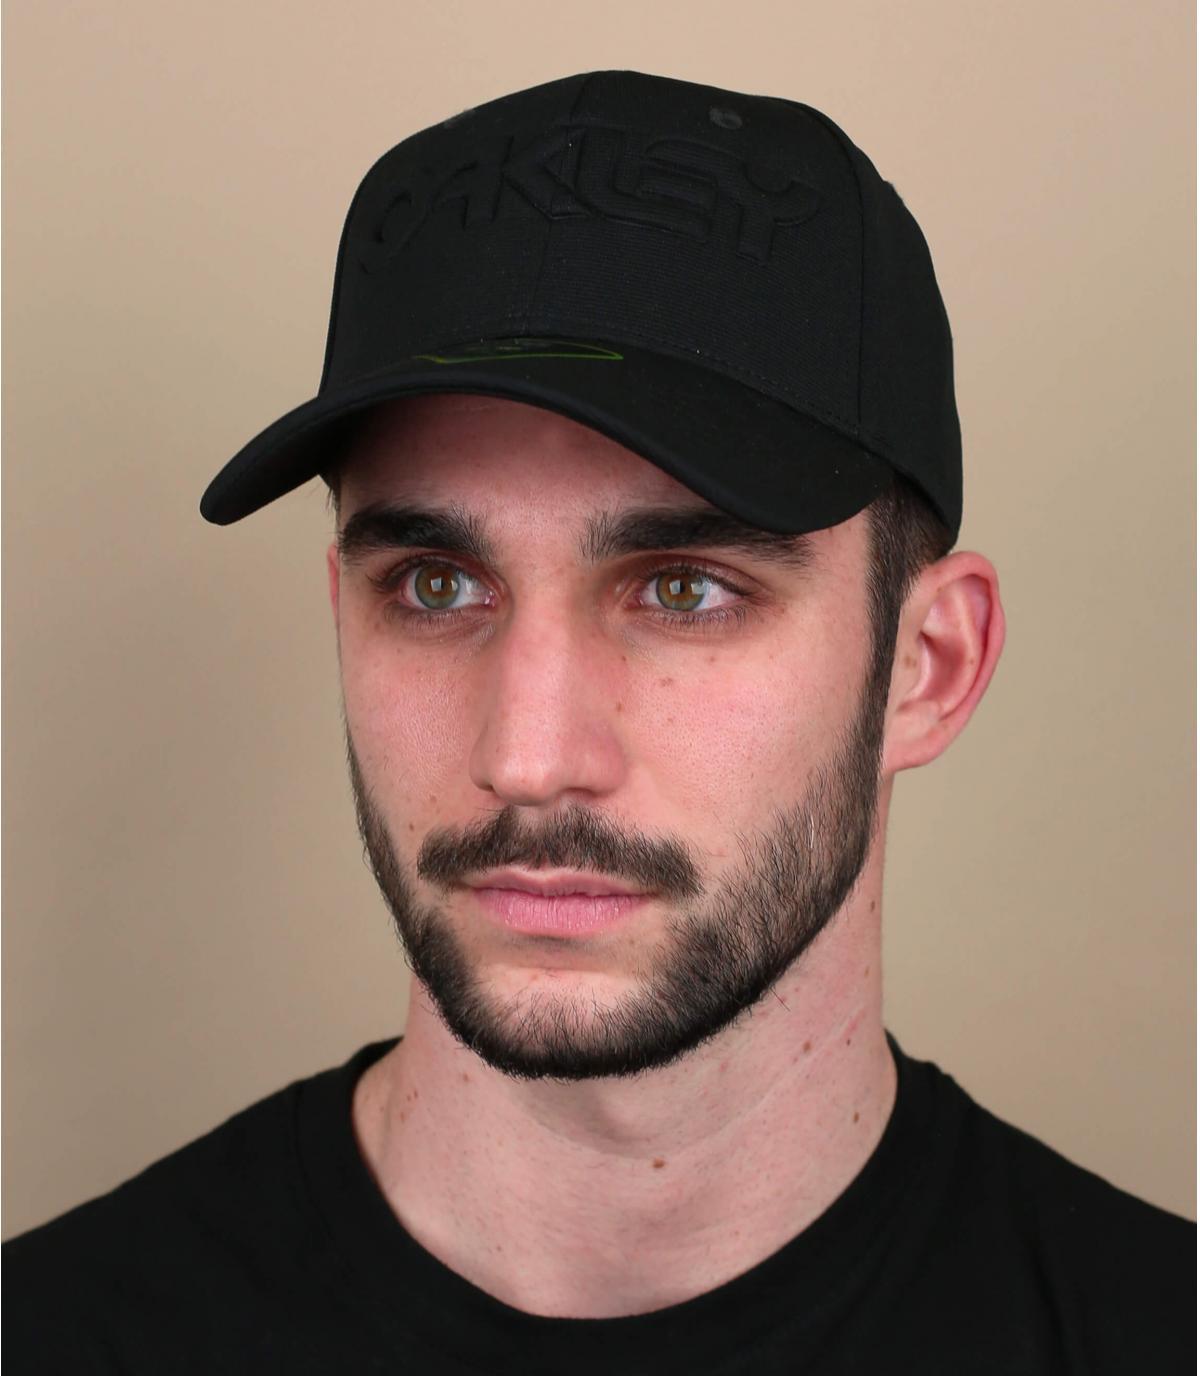 Cappellino nero con logo Oakley